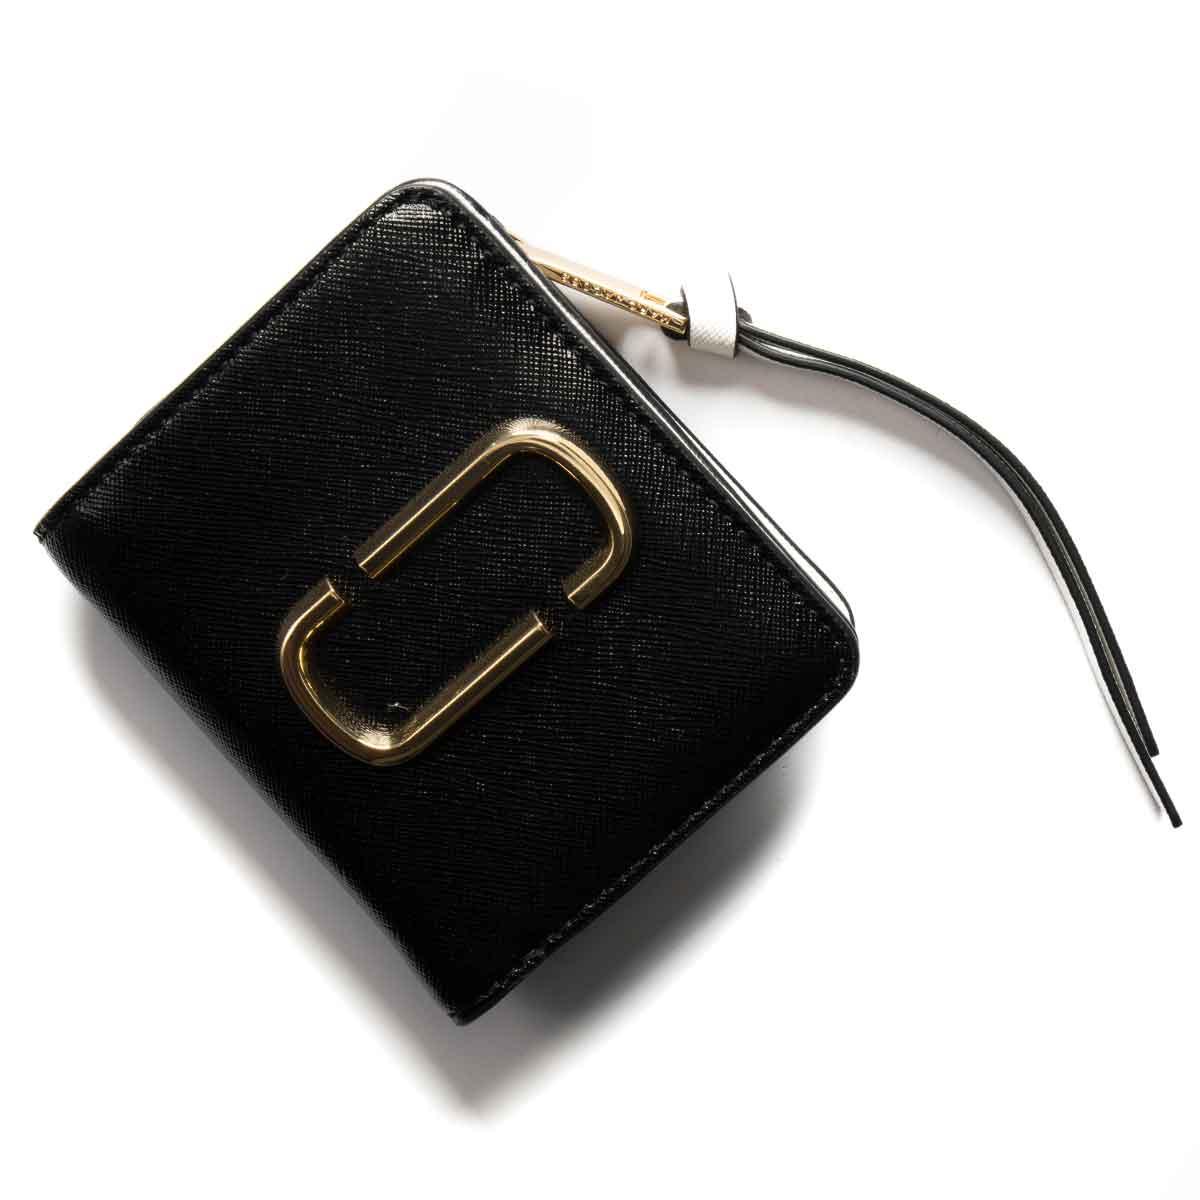 マーク ジェイコブズ 財布